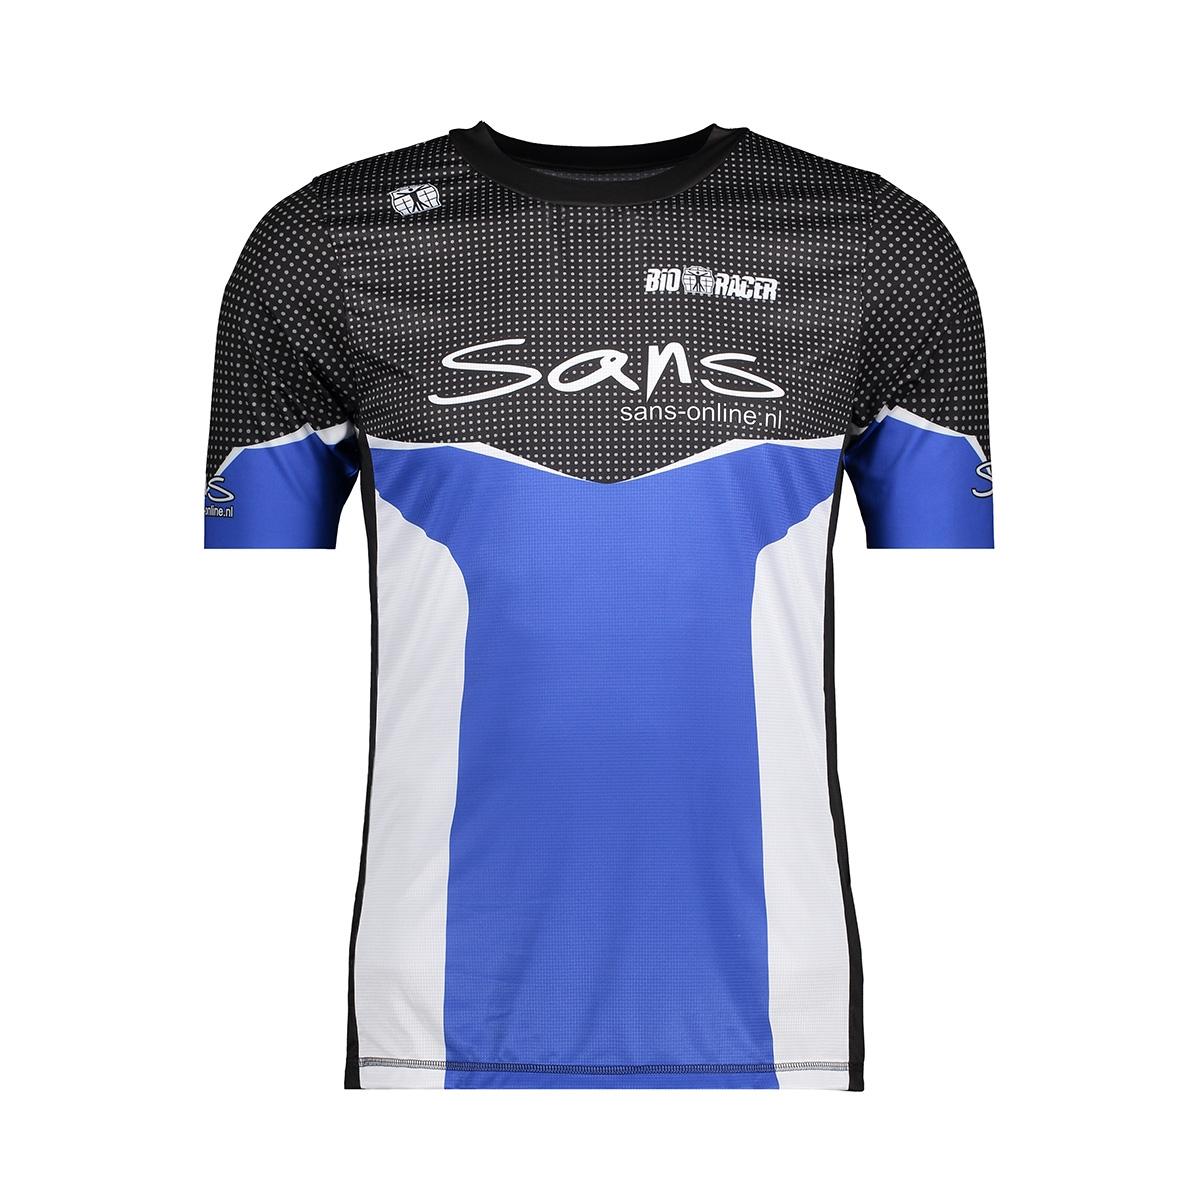 58123 running shirt sans sport shirt blauw wit